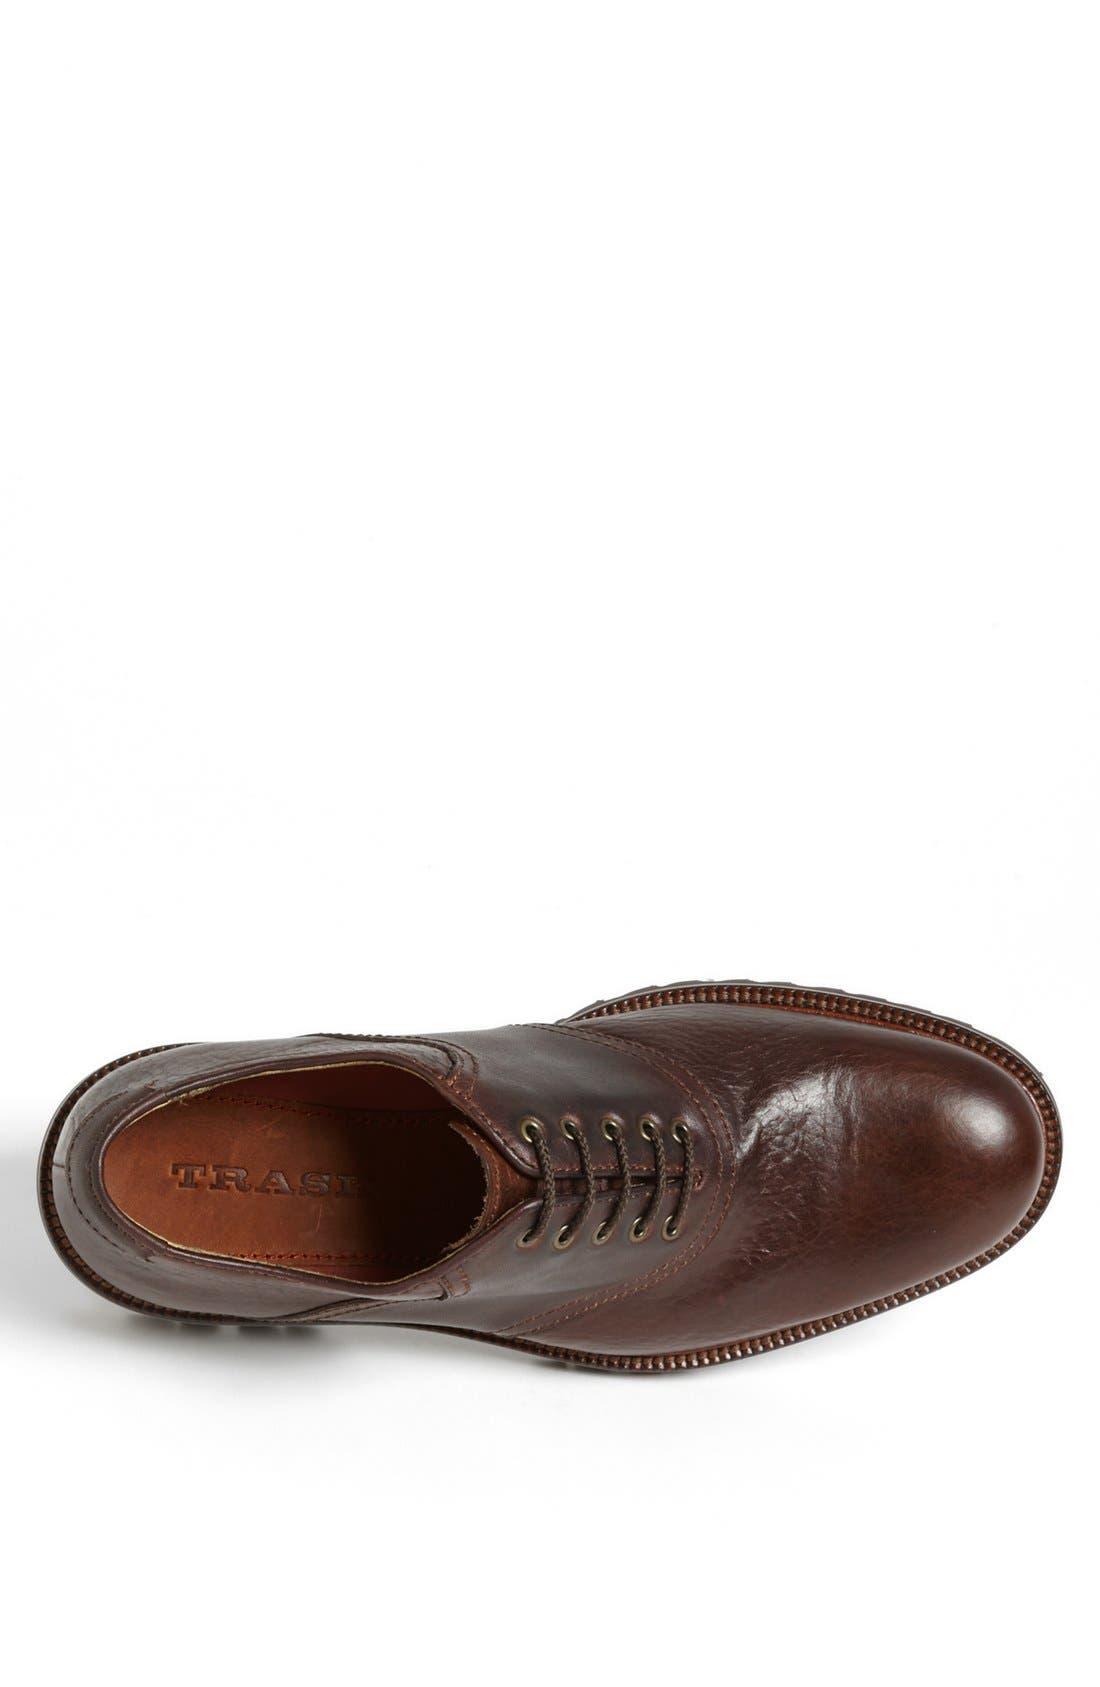 Alternate Image 3  - Trask 'Garland' Saddle Shoe (Men) (Online Only)